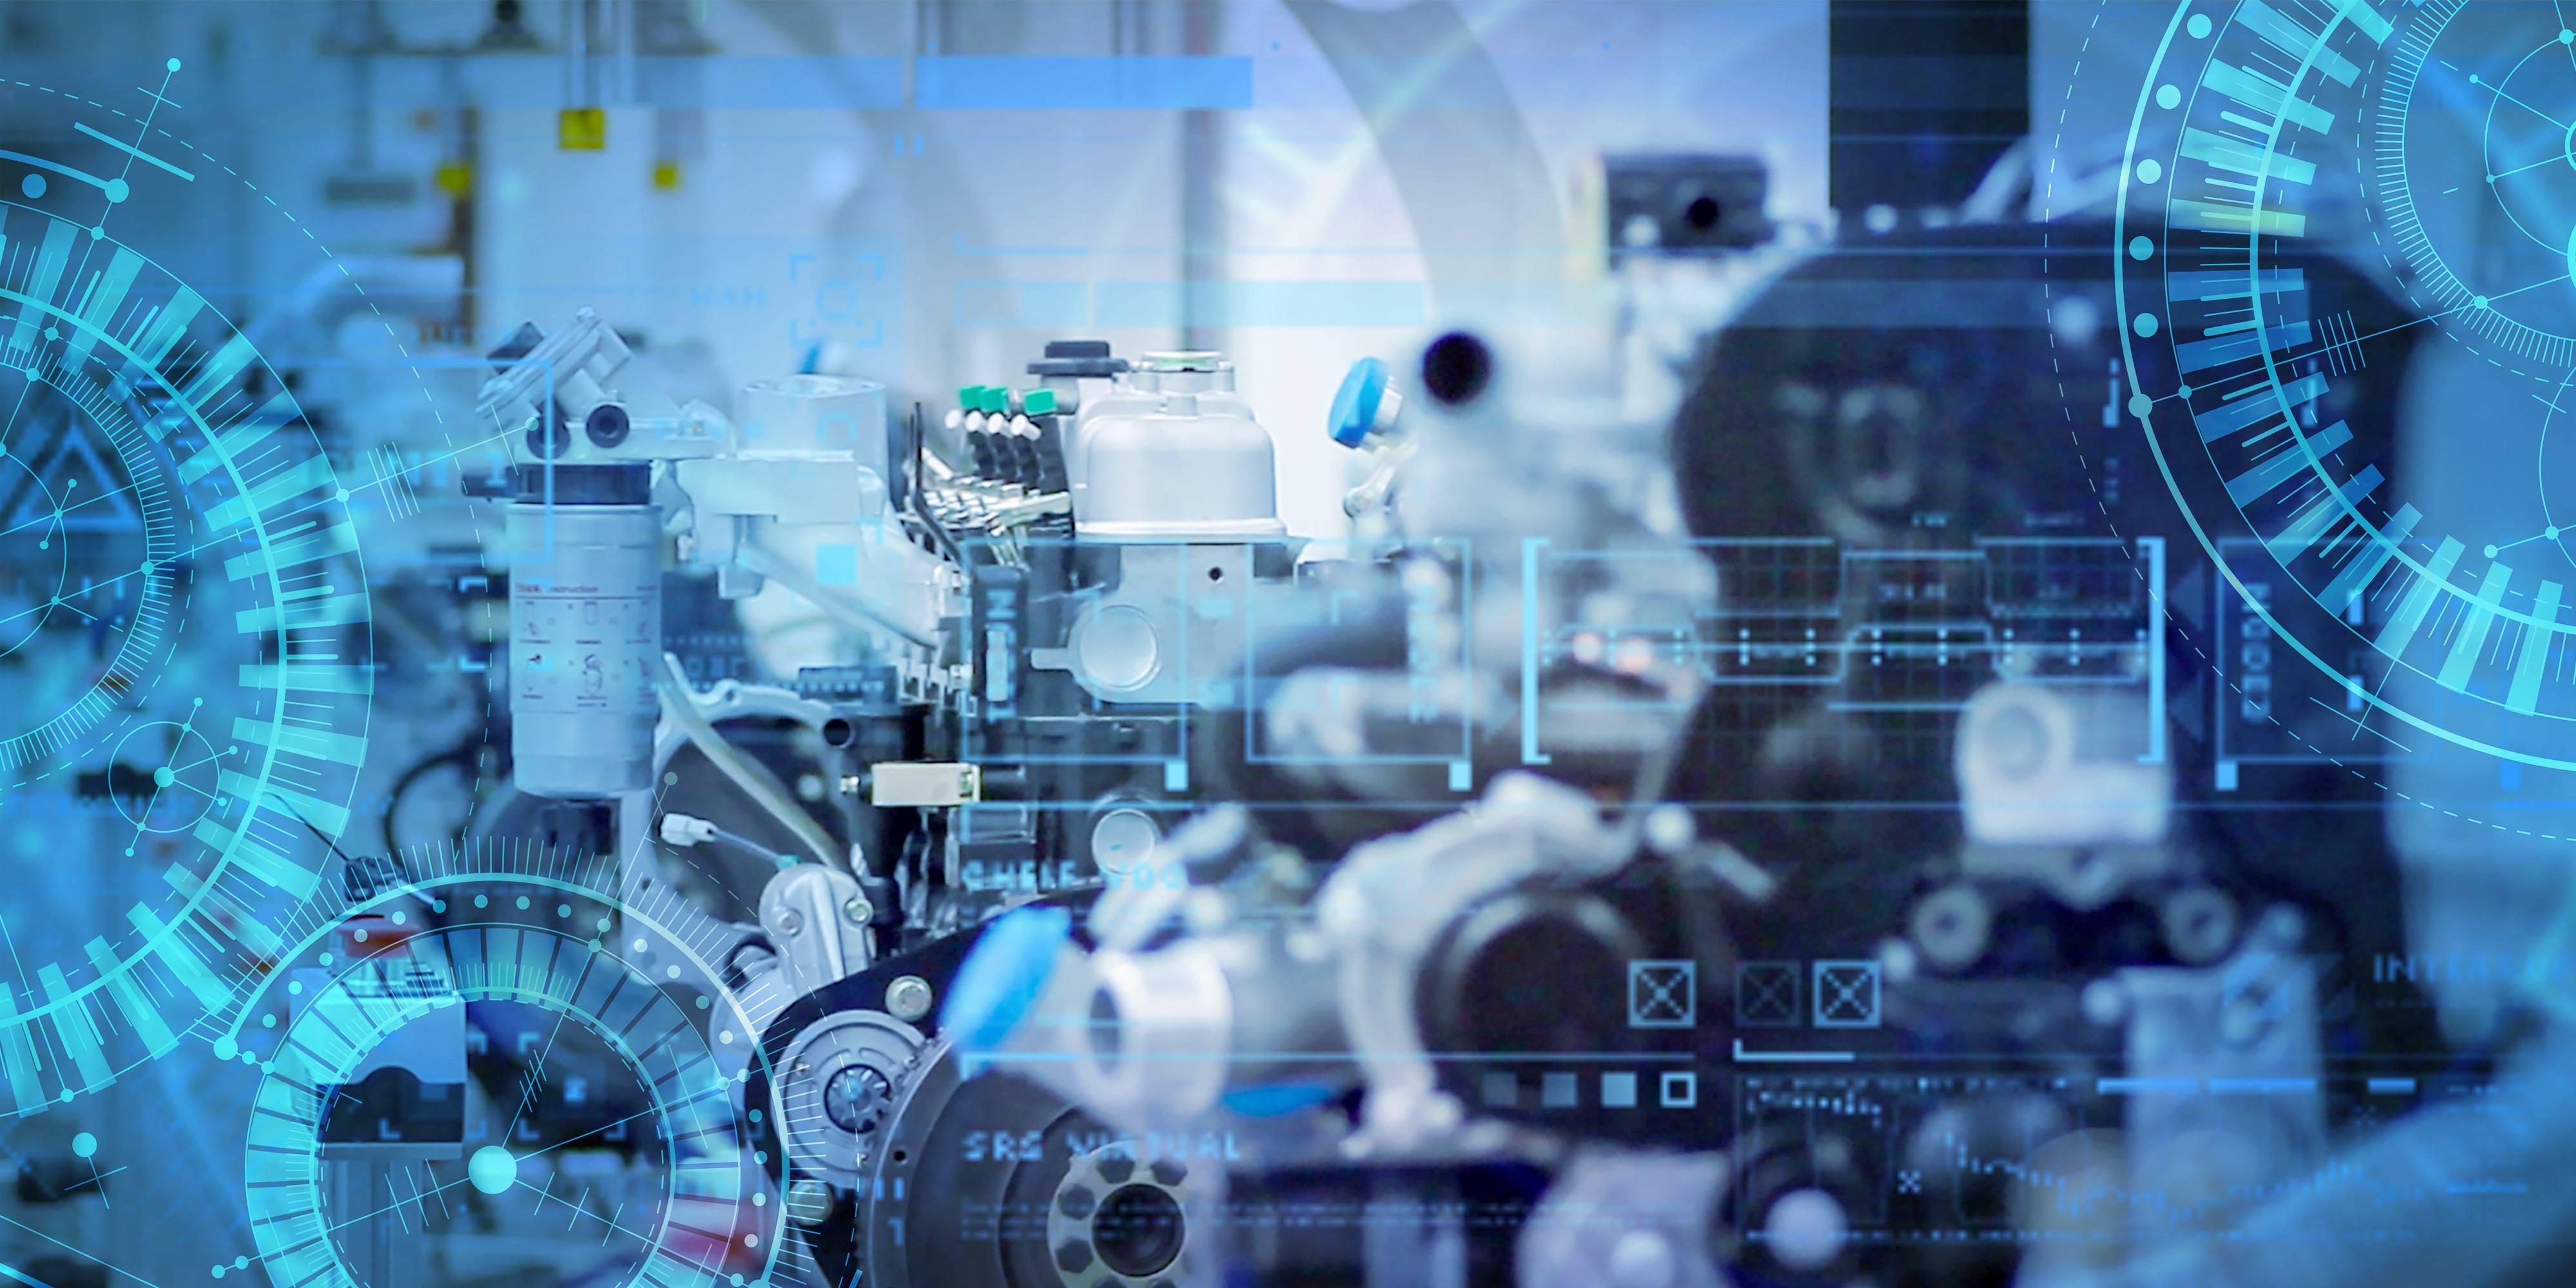 以人为本的智能制造:理念、技术与应用